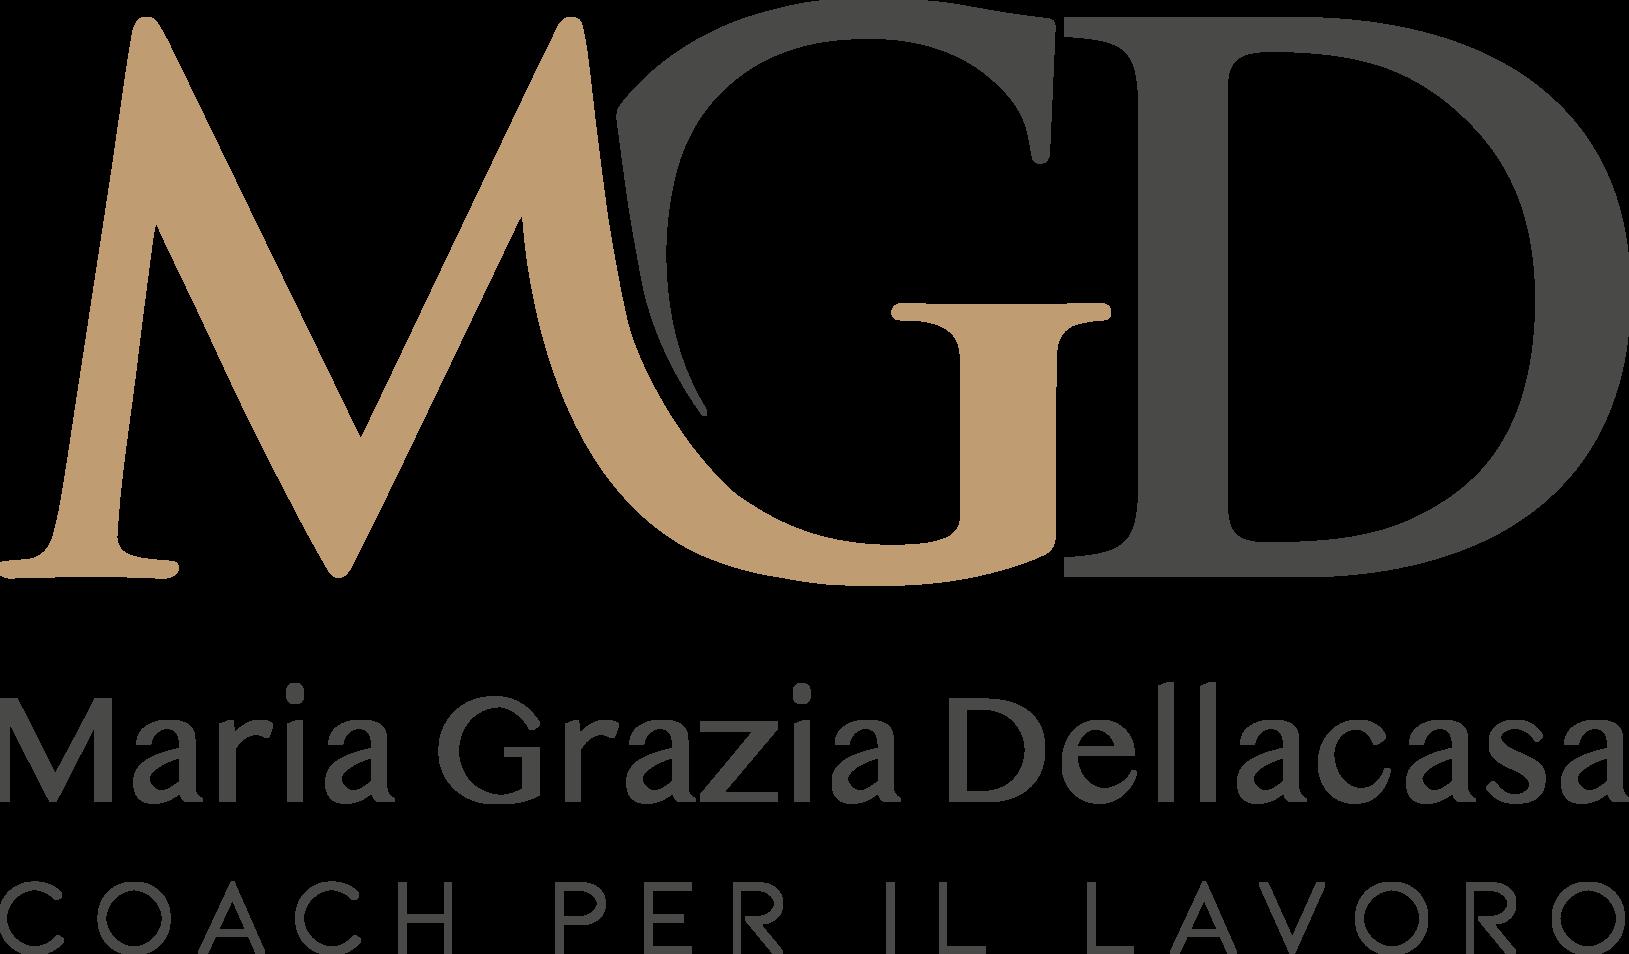 Maria Grazia Dellacasa